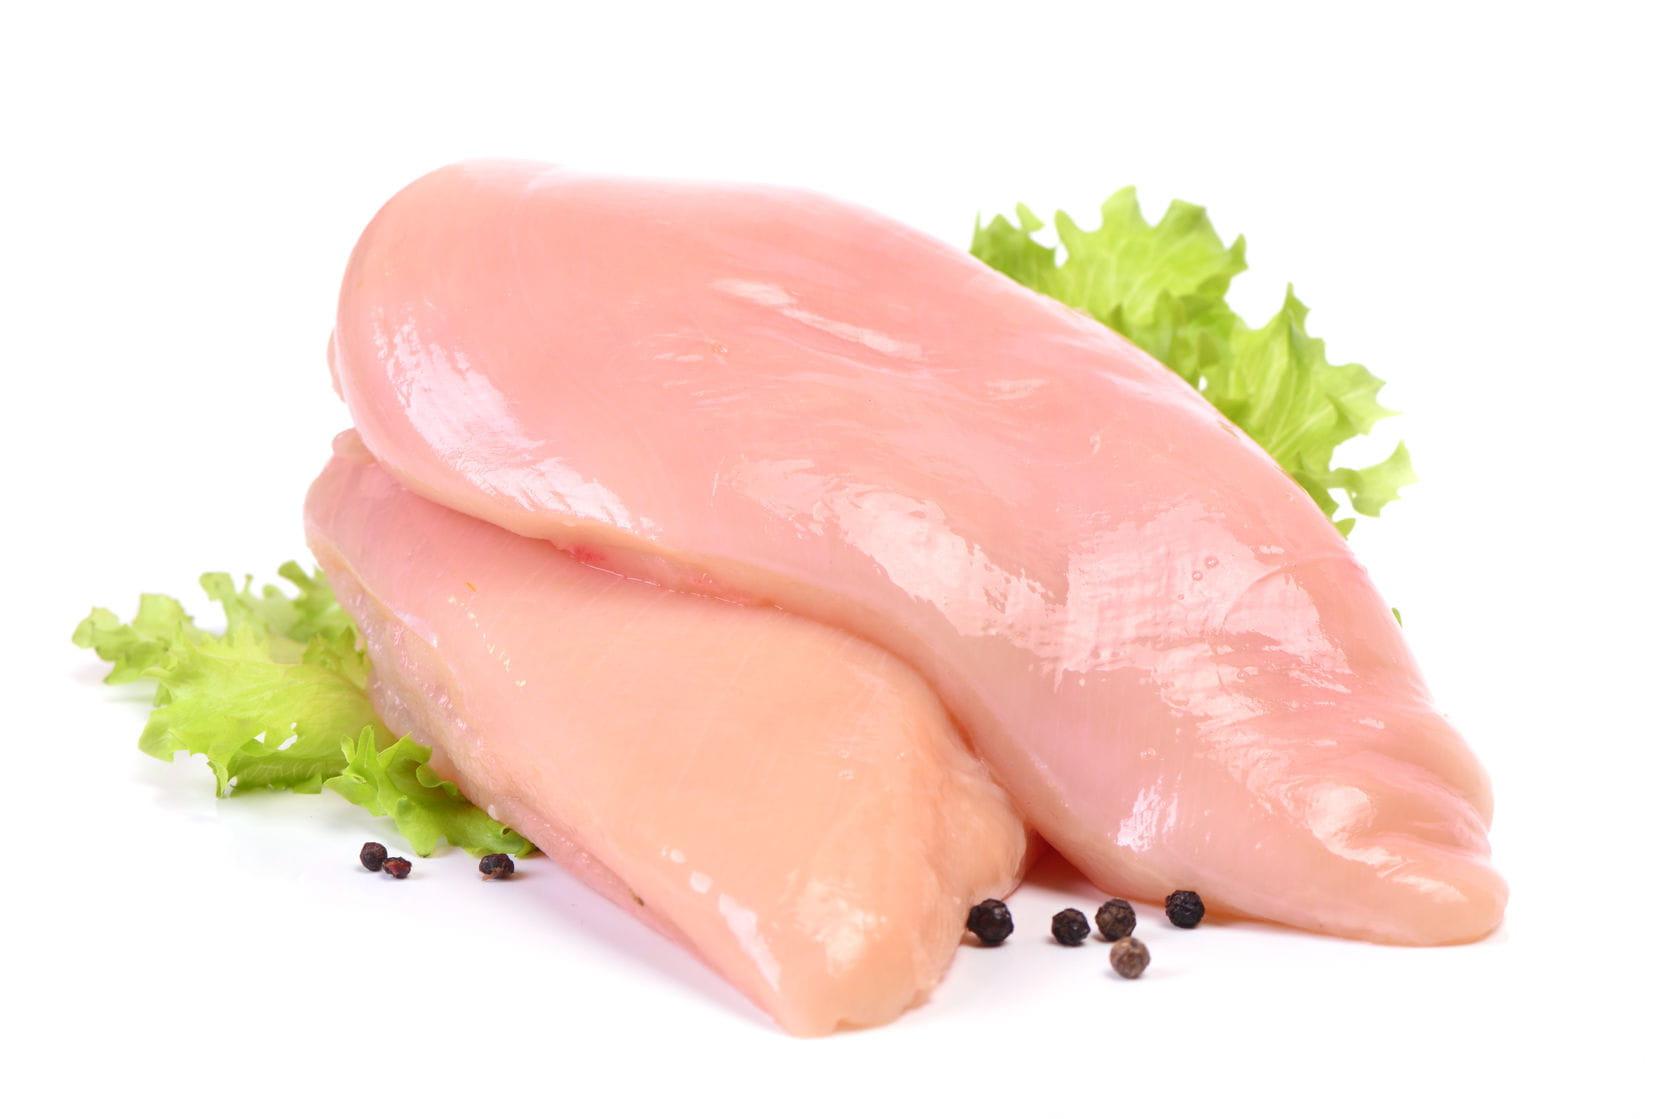 le blanc de poulet 15 aliments riches en prot ines pour booster vos muscles linternaute. Black Bedroom Furniture Sets. Home Design Ideas